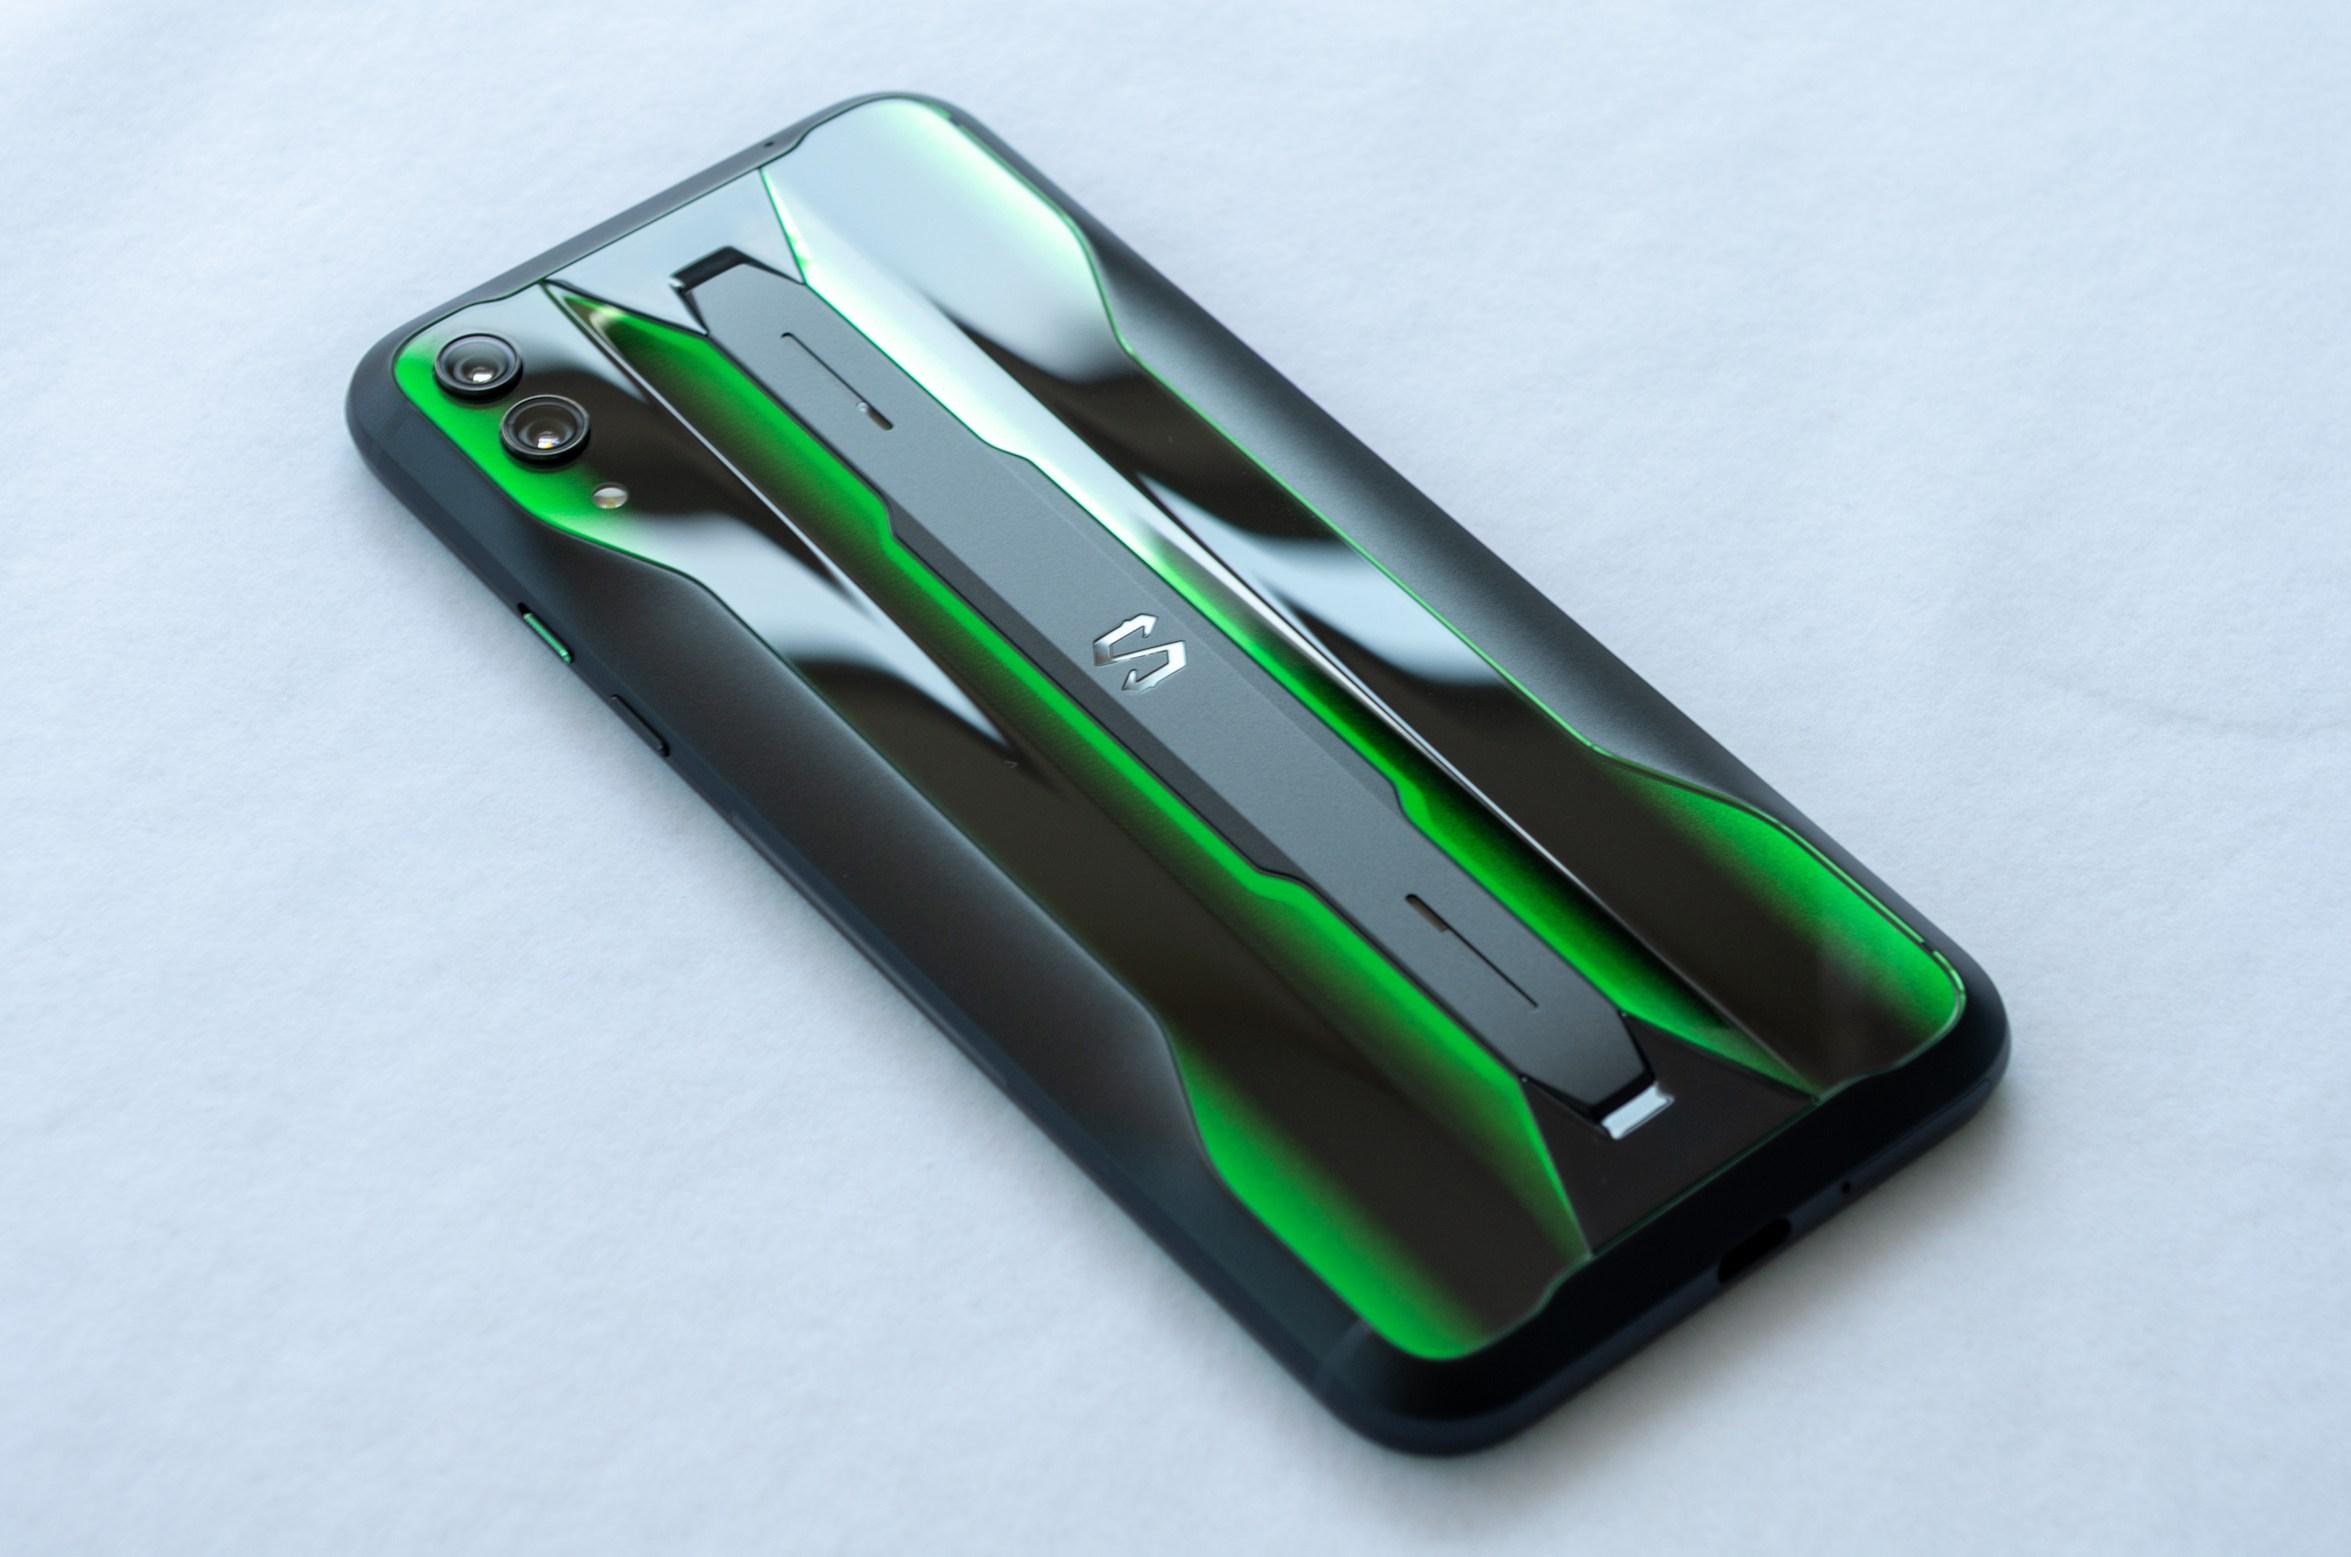 黑鲨游戏手机2 Pro评测:性价比成最大优势